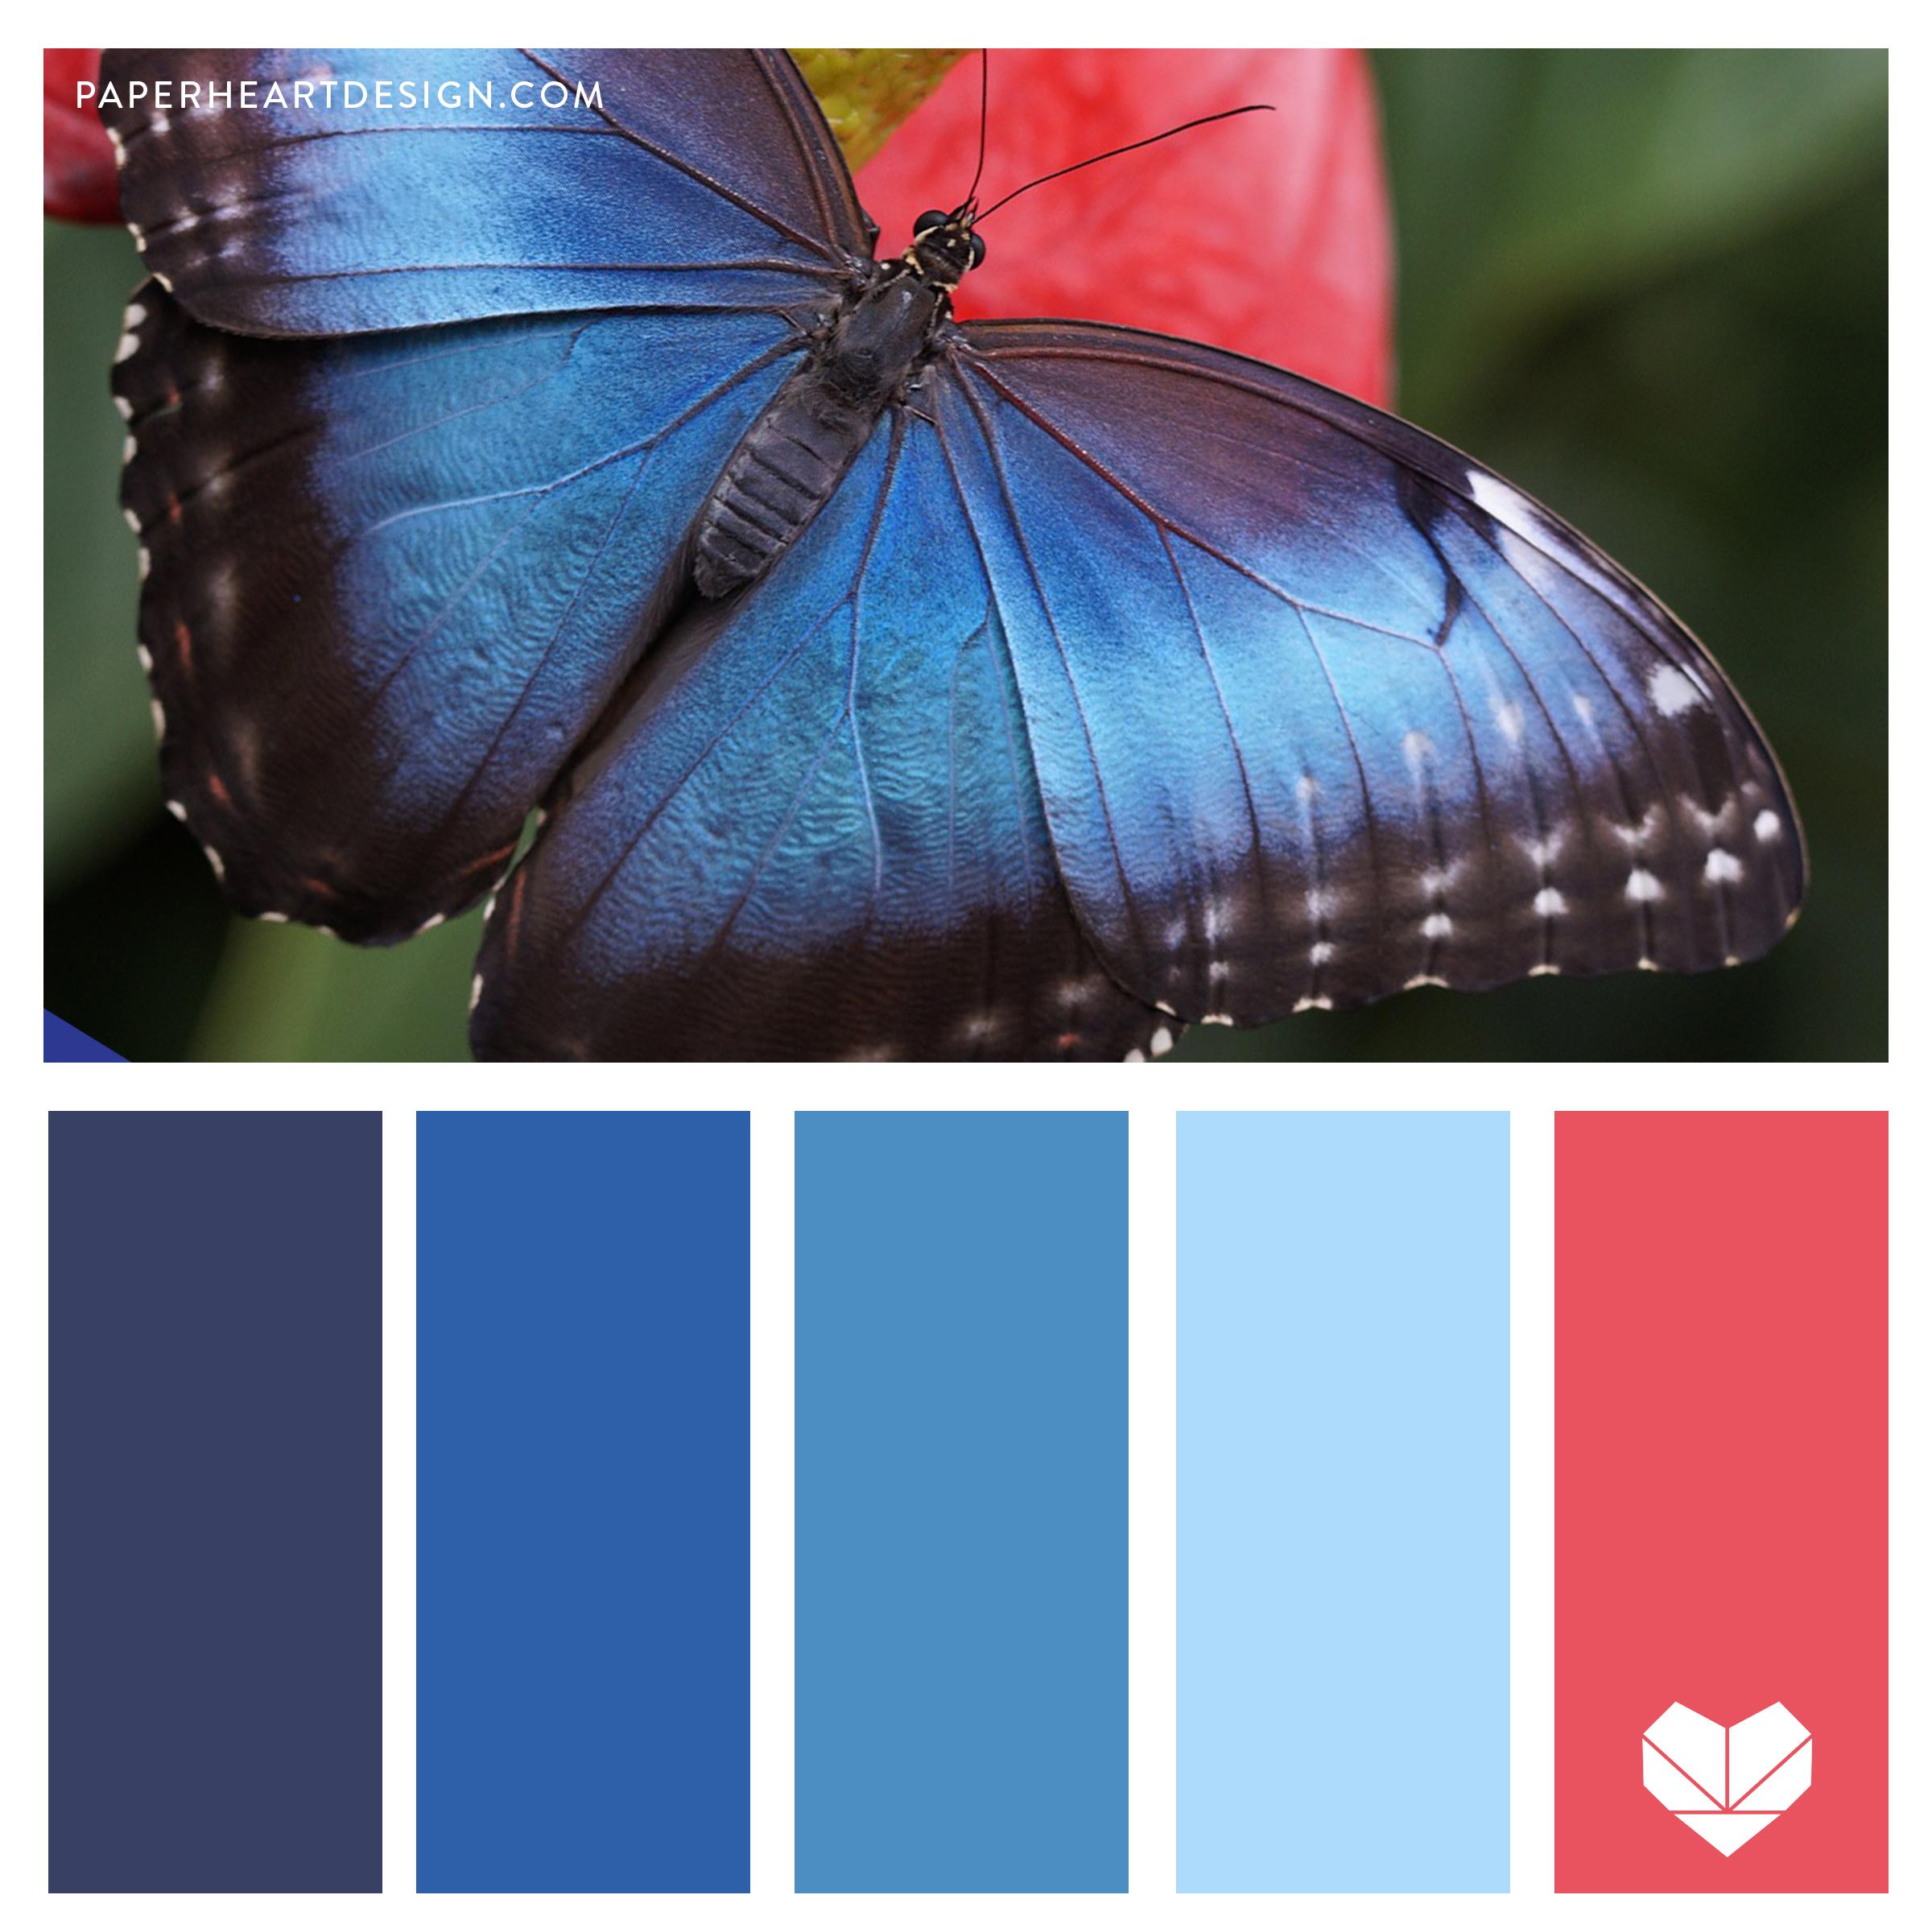 Butterfly Blue Morpho.jpg